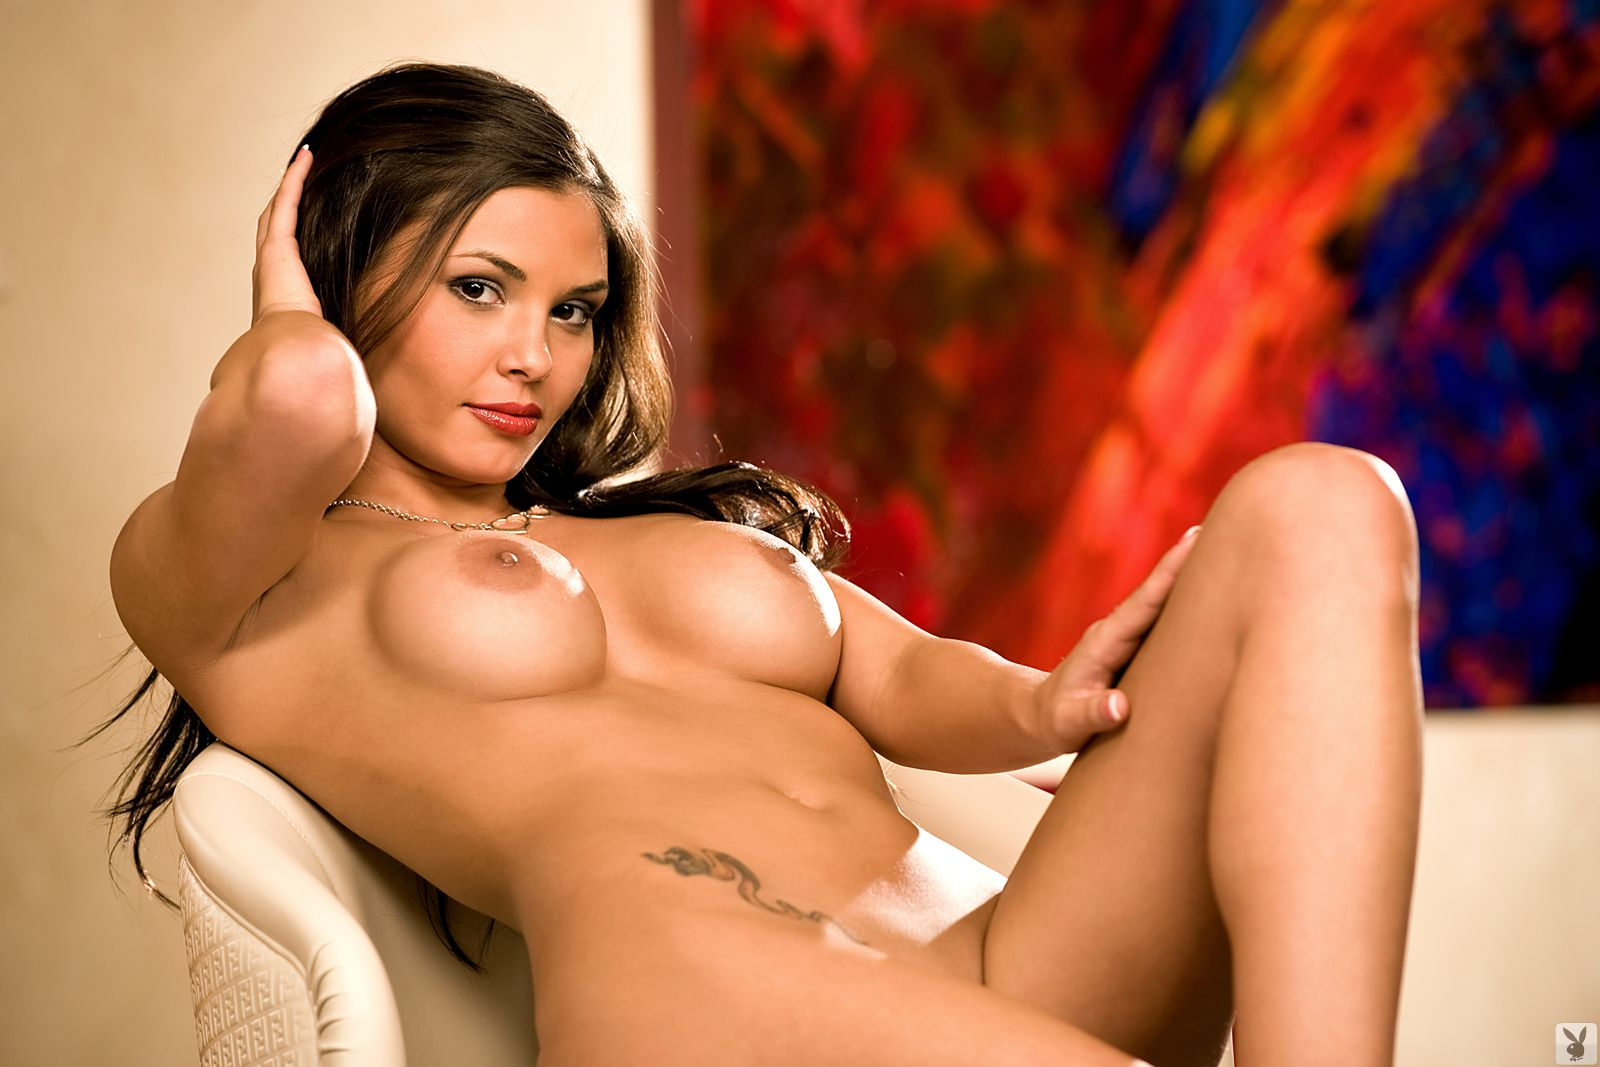 Пышная голая женщина девушка 21 фотография